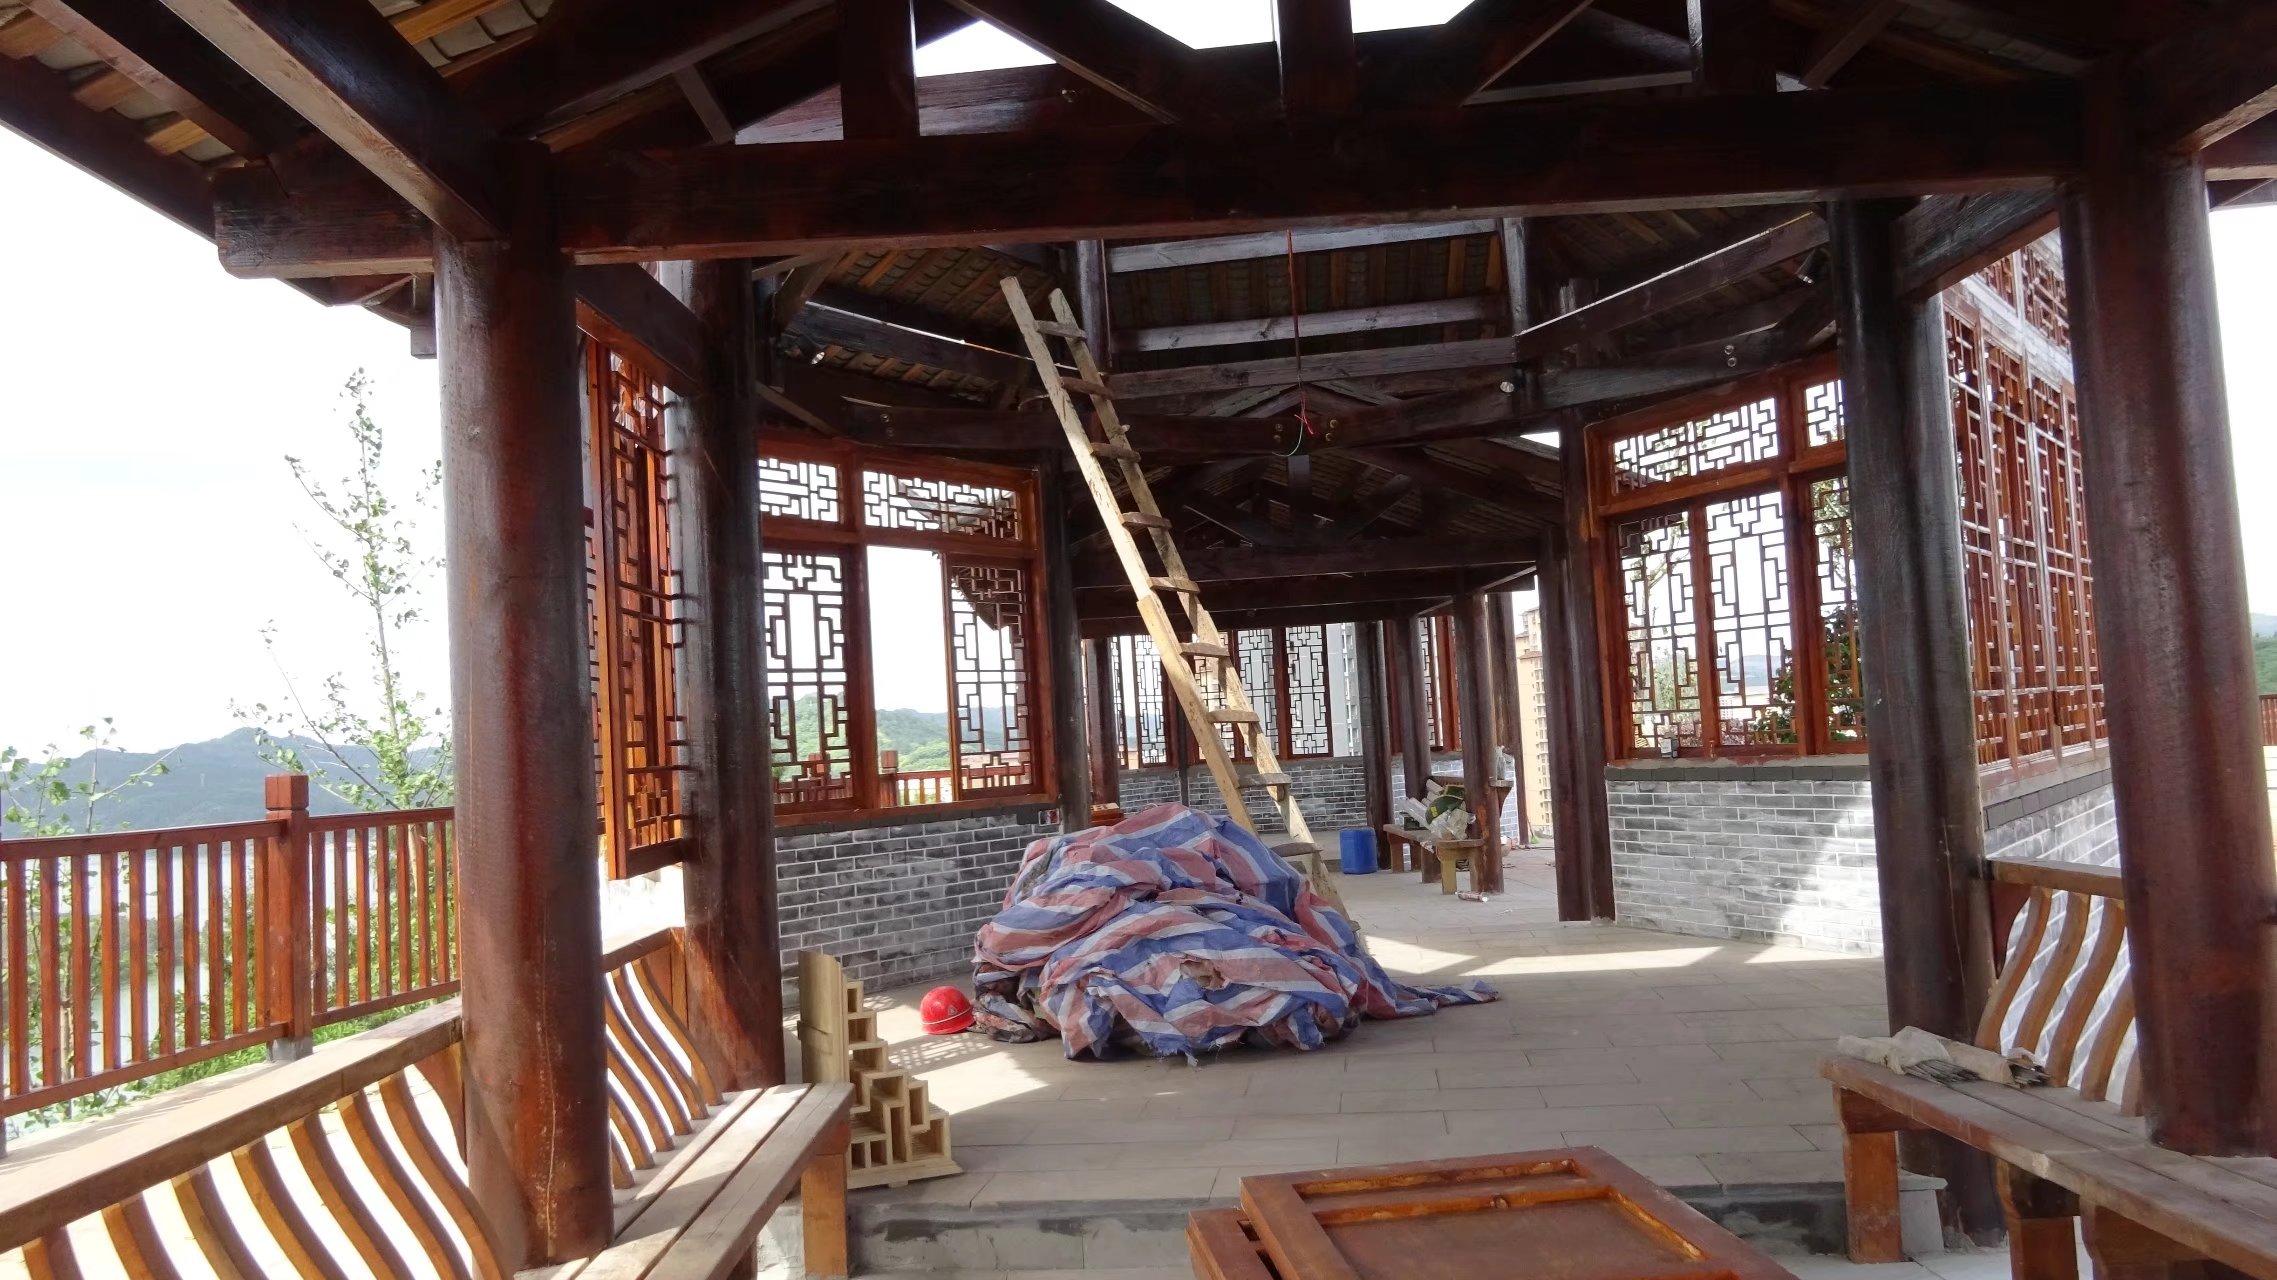 蓬安桑梓火锅公园施工进度(2018-05-10) - 第28张    蓬安在线